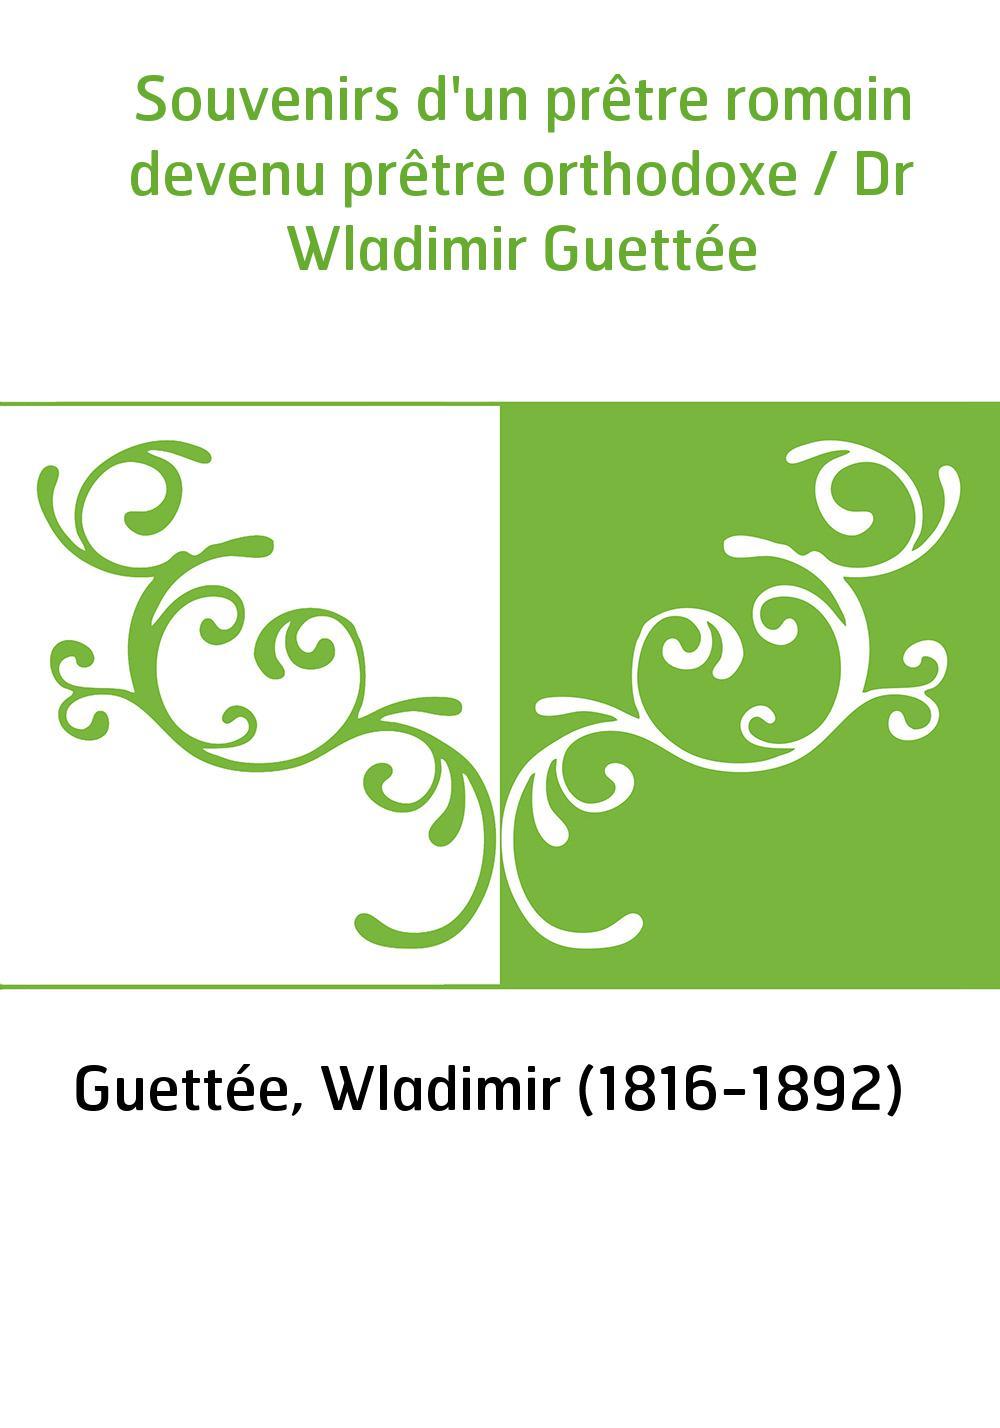 Souvenirs d'un prêtre romain devenu prêtre orthodoxe / Dr Wladimir Guettée